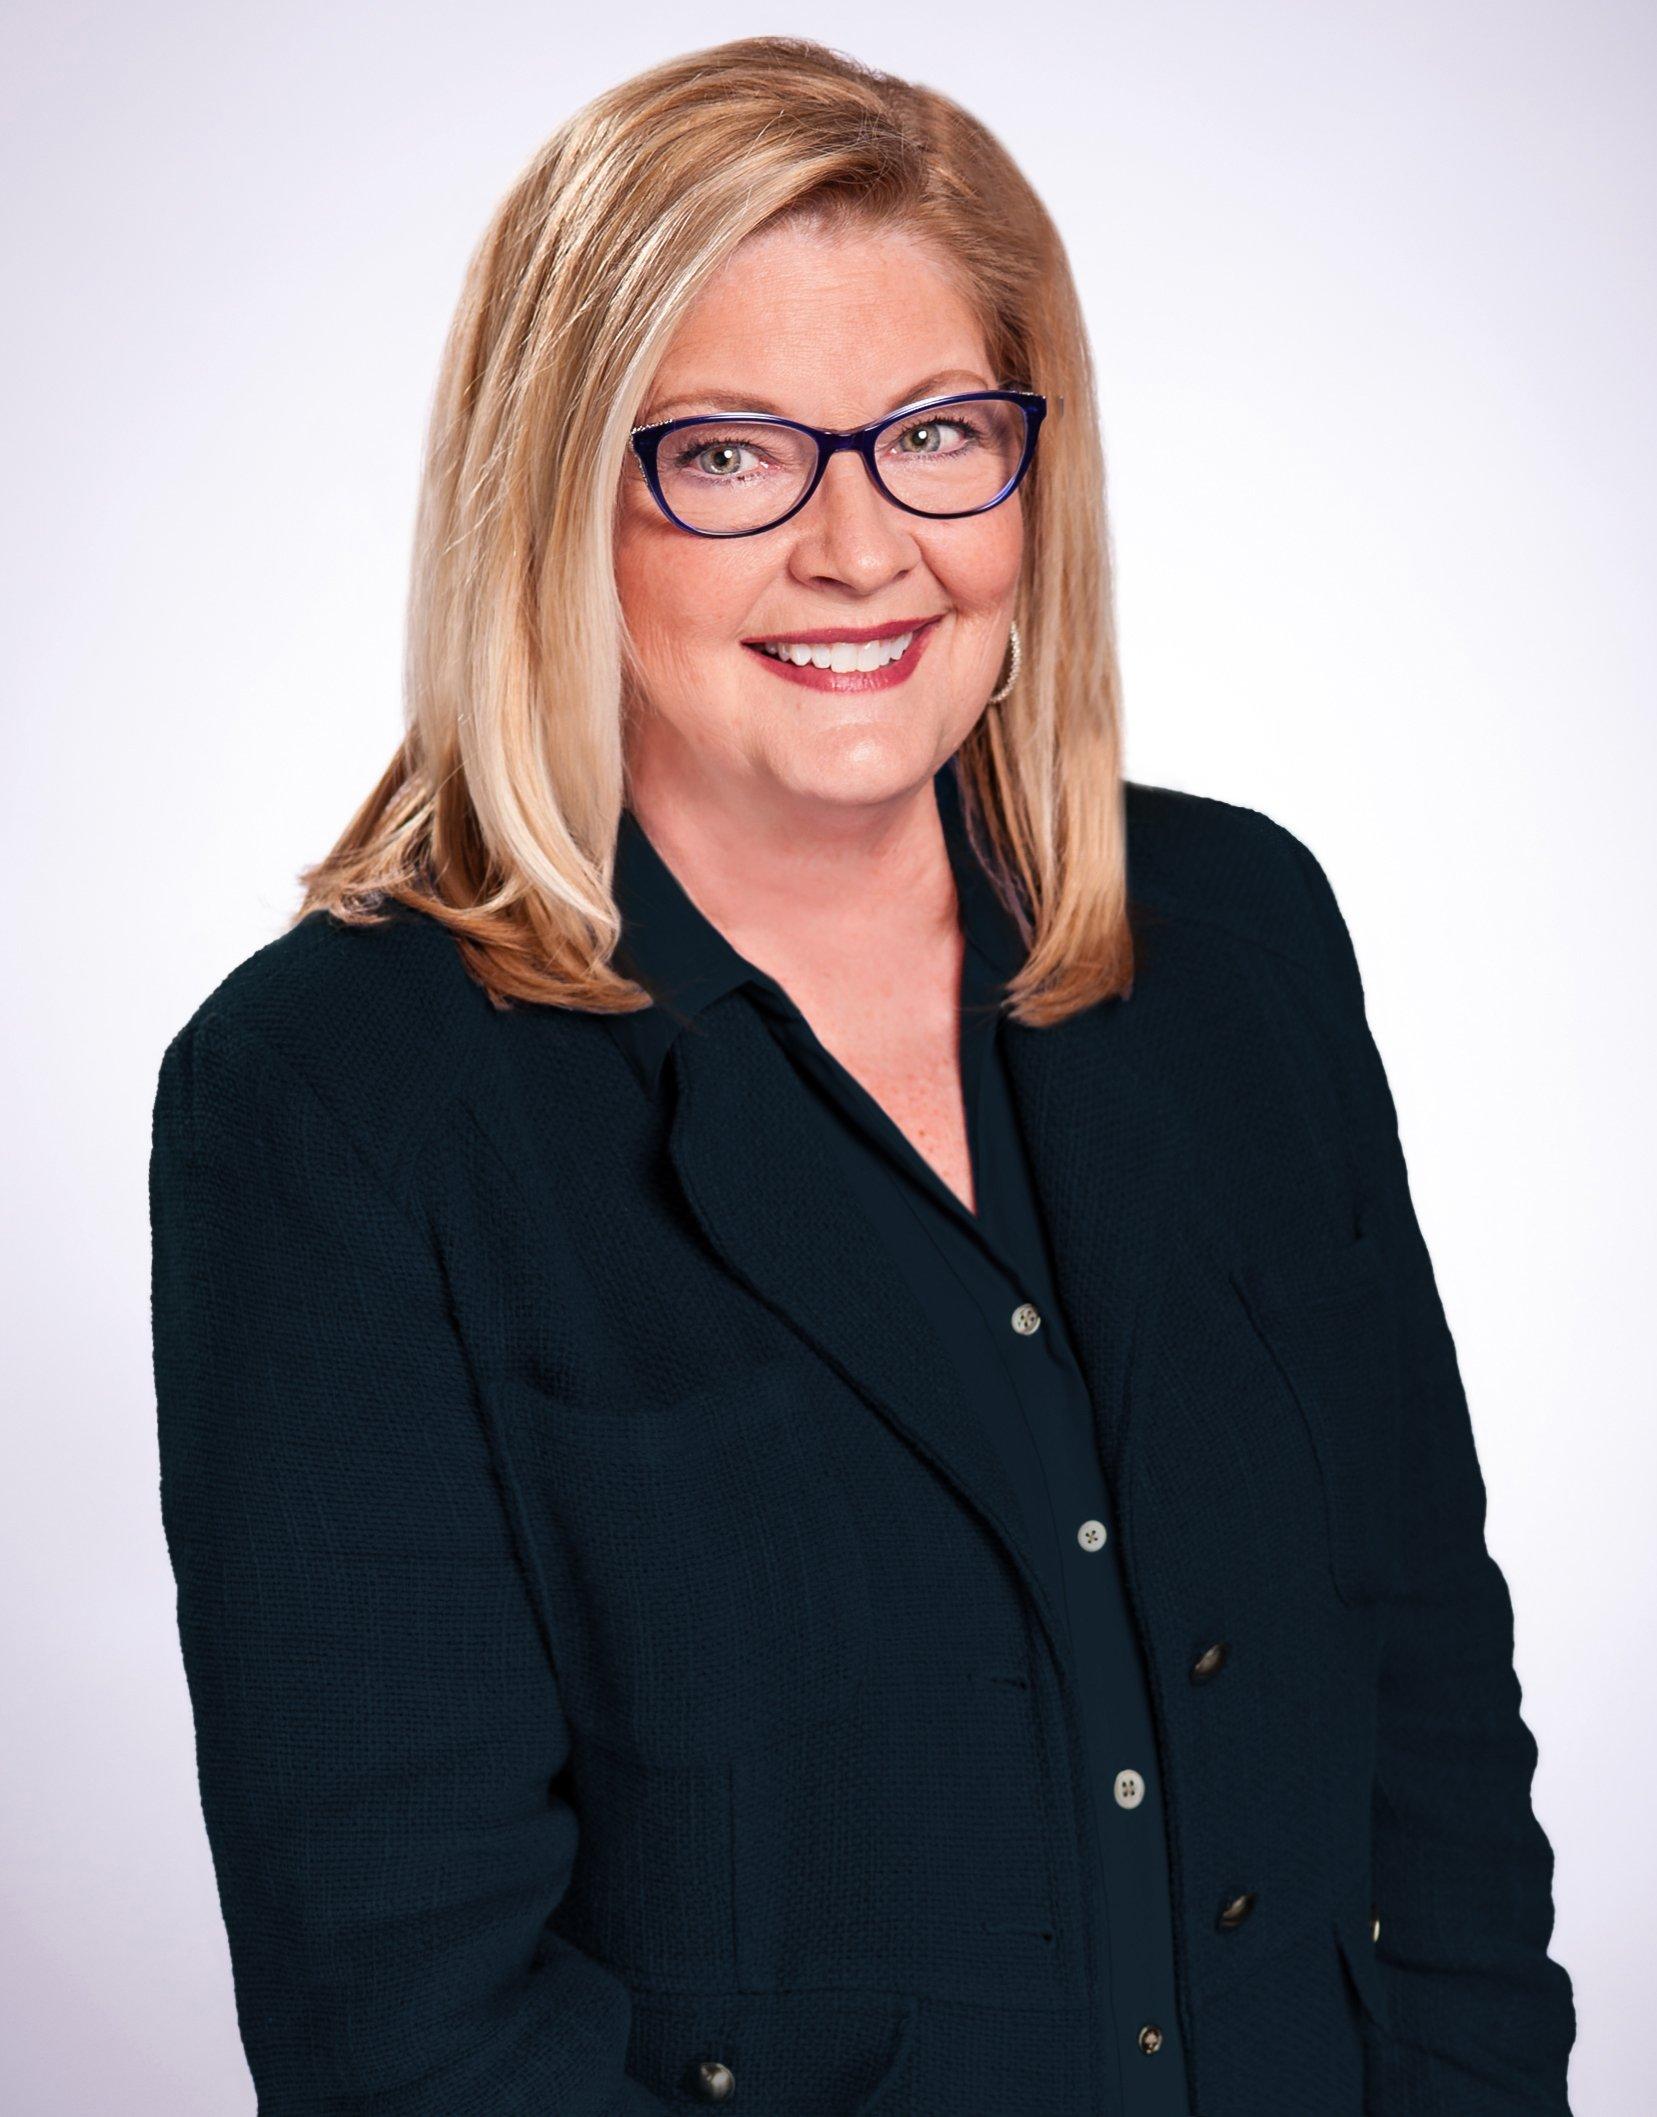 Diane Ridgway